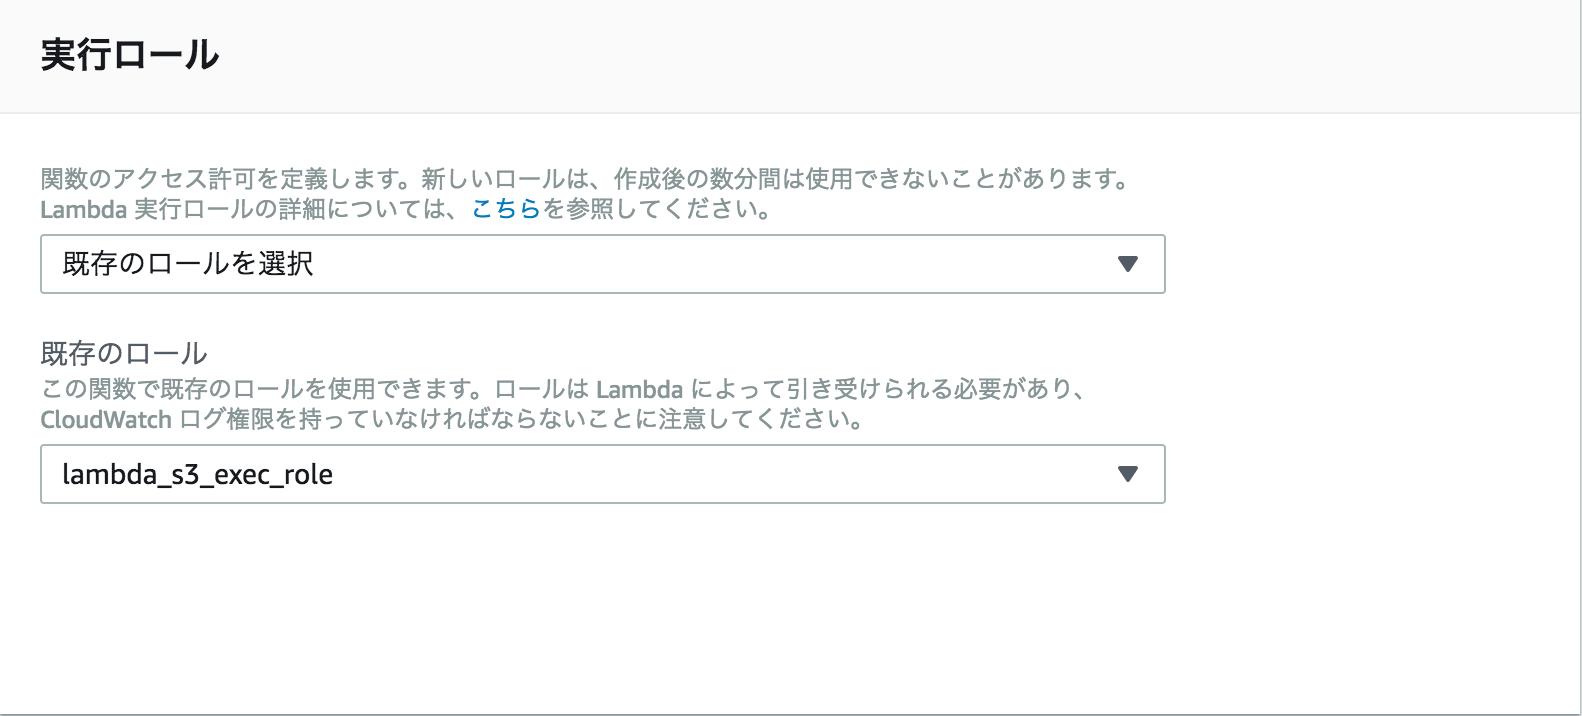 01_lambda_exec_role.png